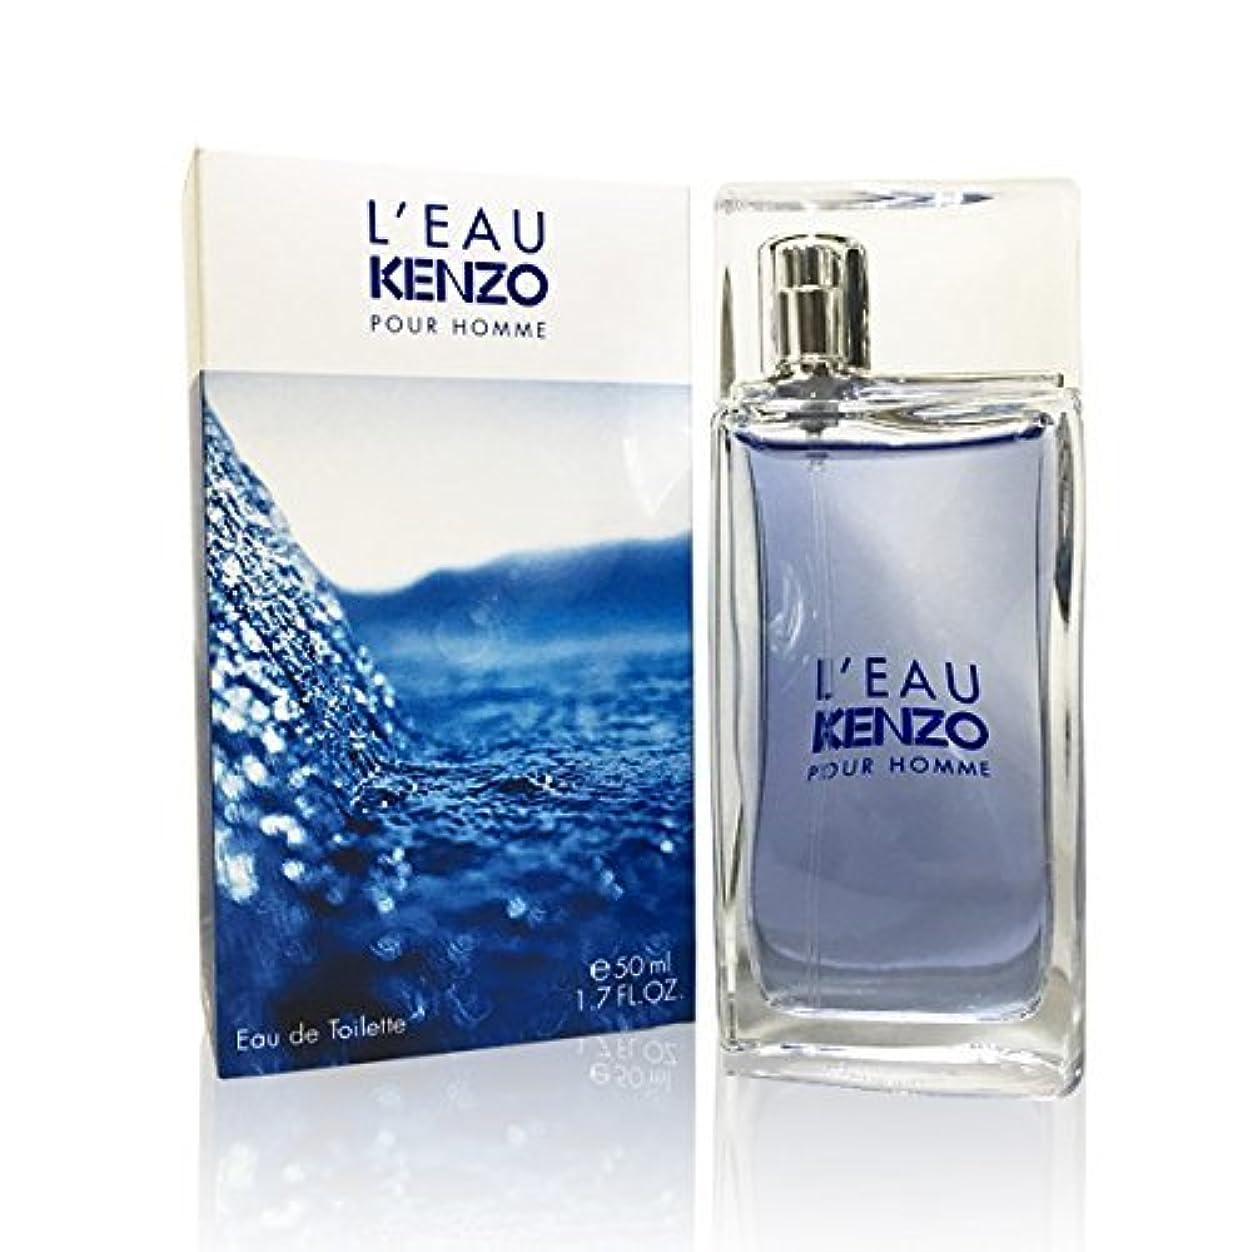 敬意旅積極的に【ケンゾー 香水】ローパ ケンゾー プールオム 100ML (新ボトル) 【並行輸入品】